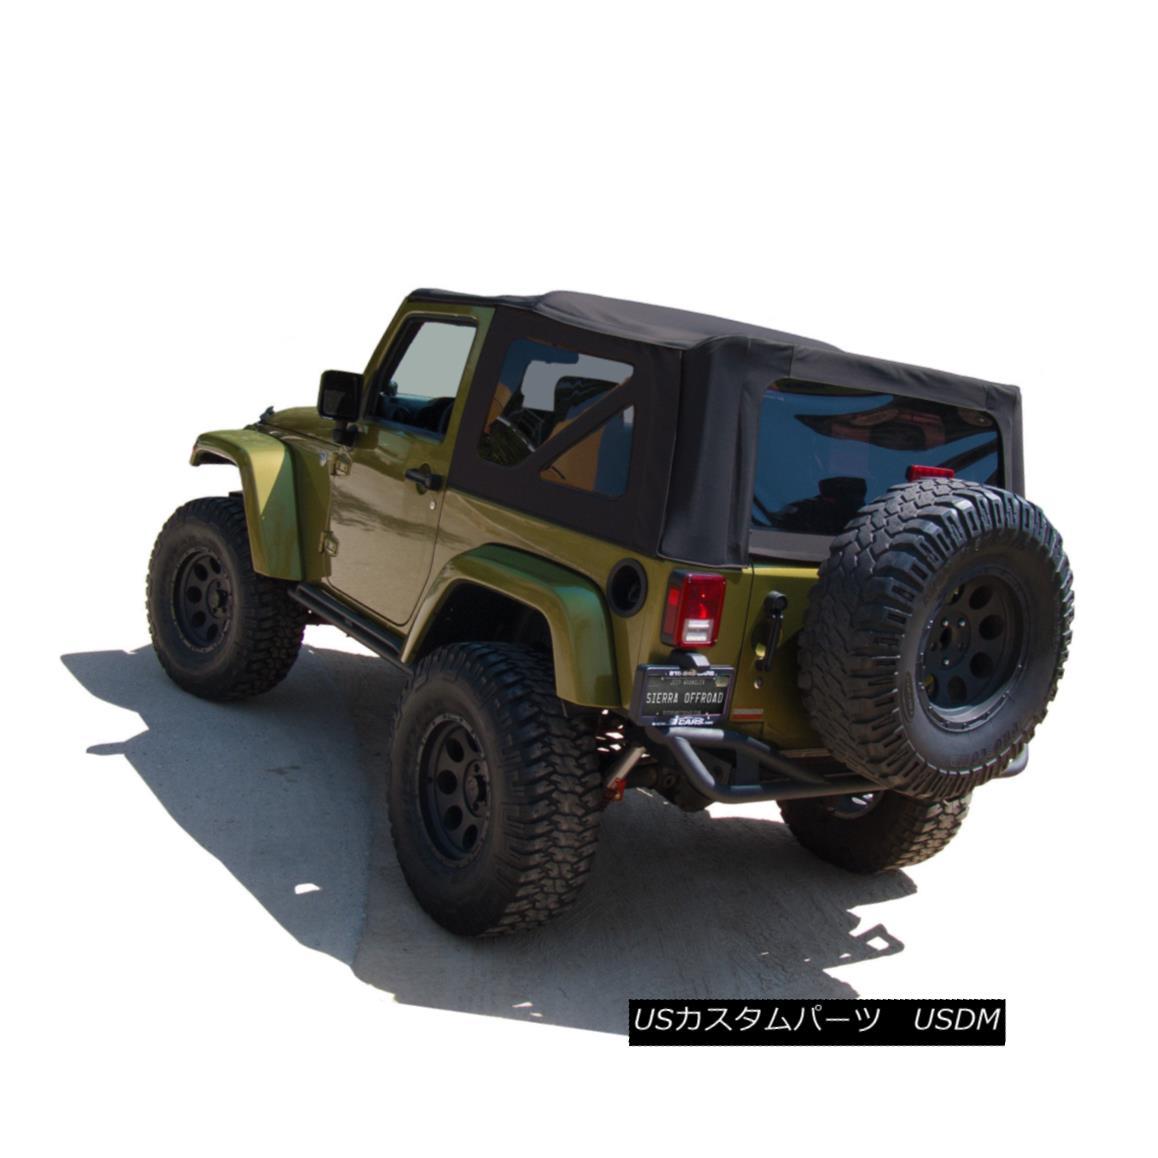 幌・ソフトトップ Jeep Wrangler JK Soft Top, 2007-09, Tinted Windows, Black Sailcloth ジープ・ラングラーJKソフトトップ、2007-09、ティンテッド・ウインドウ、ブラック・セイルロス